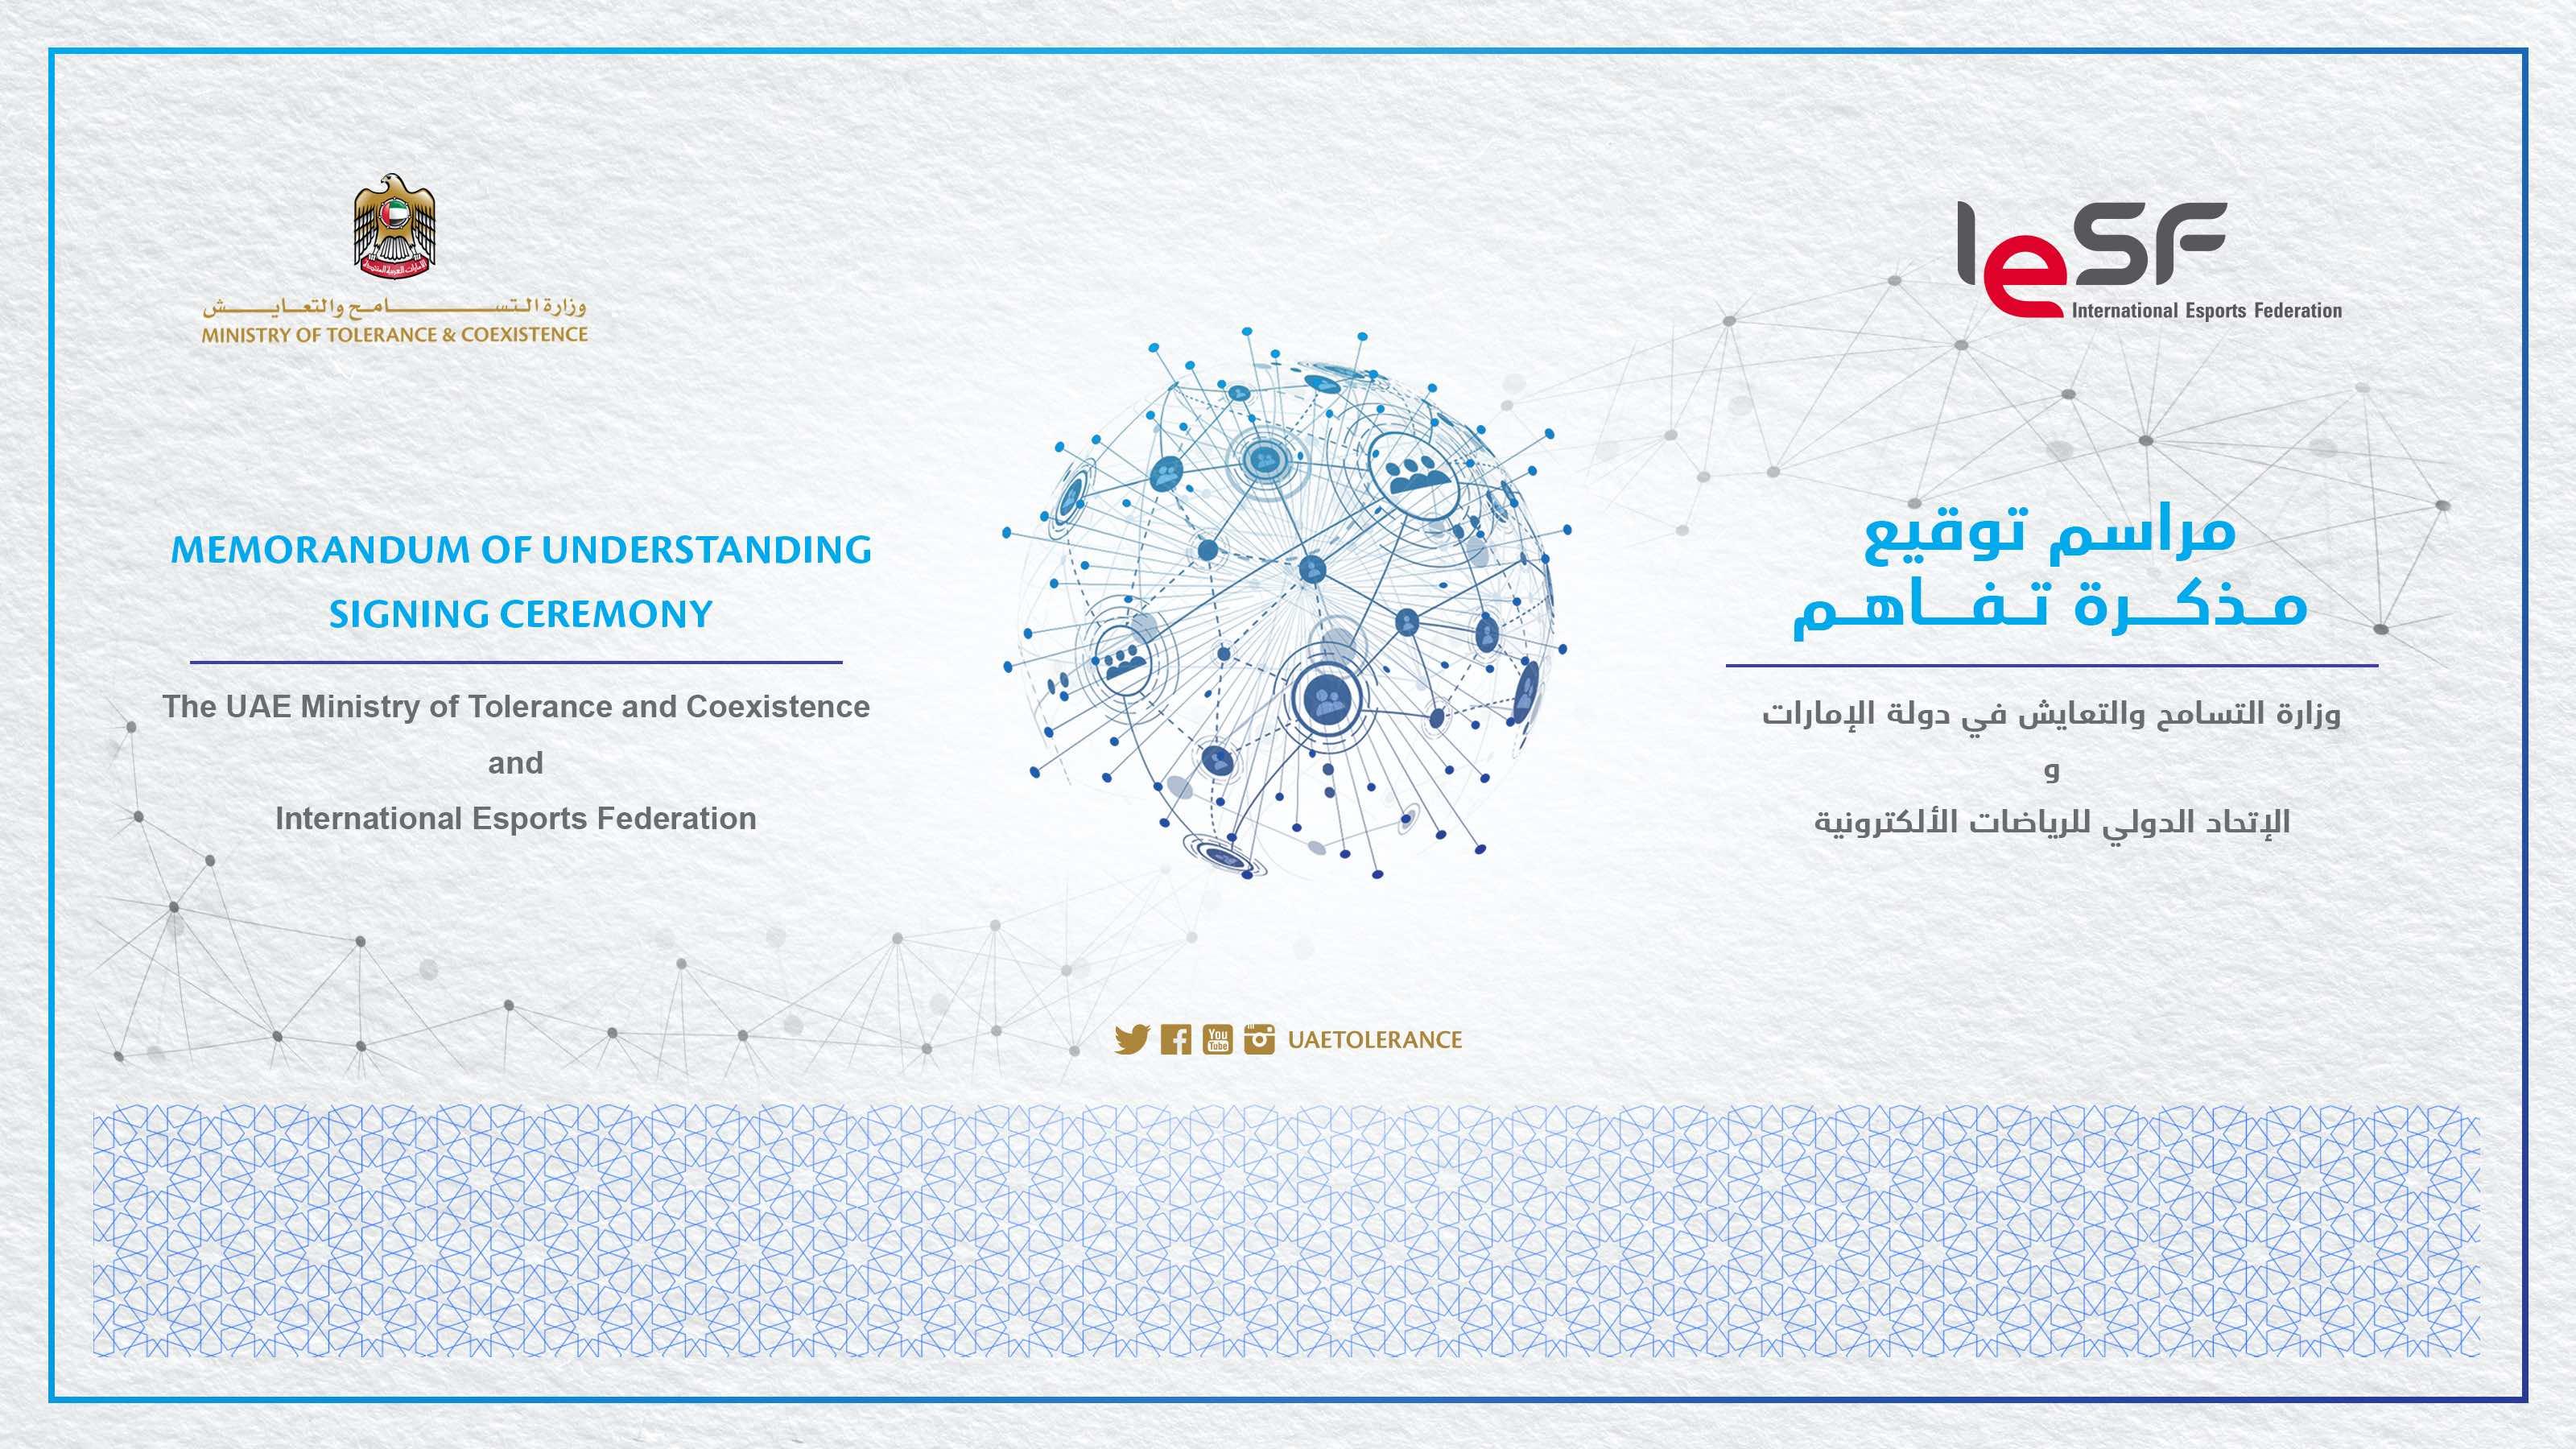 وزارة التسامح والتعايش والاتحاد العالمي للرياضات الالكترونية يوقعان مذكرة للتعاون